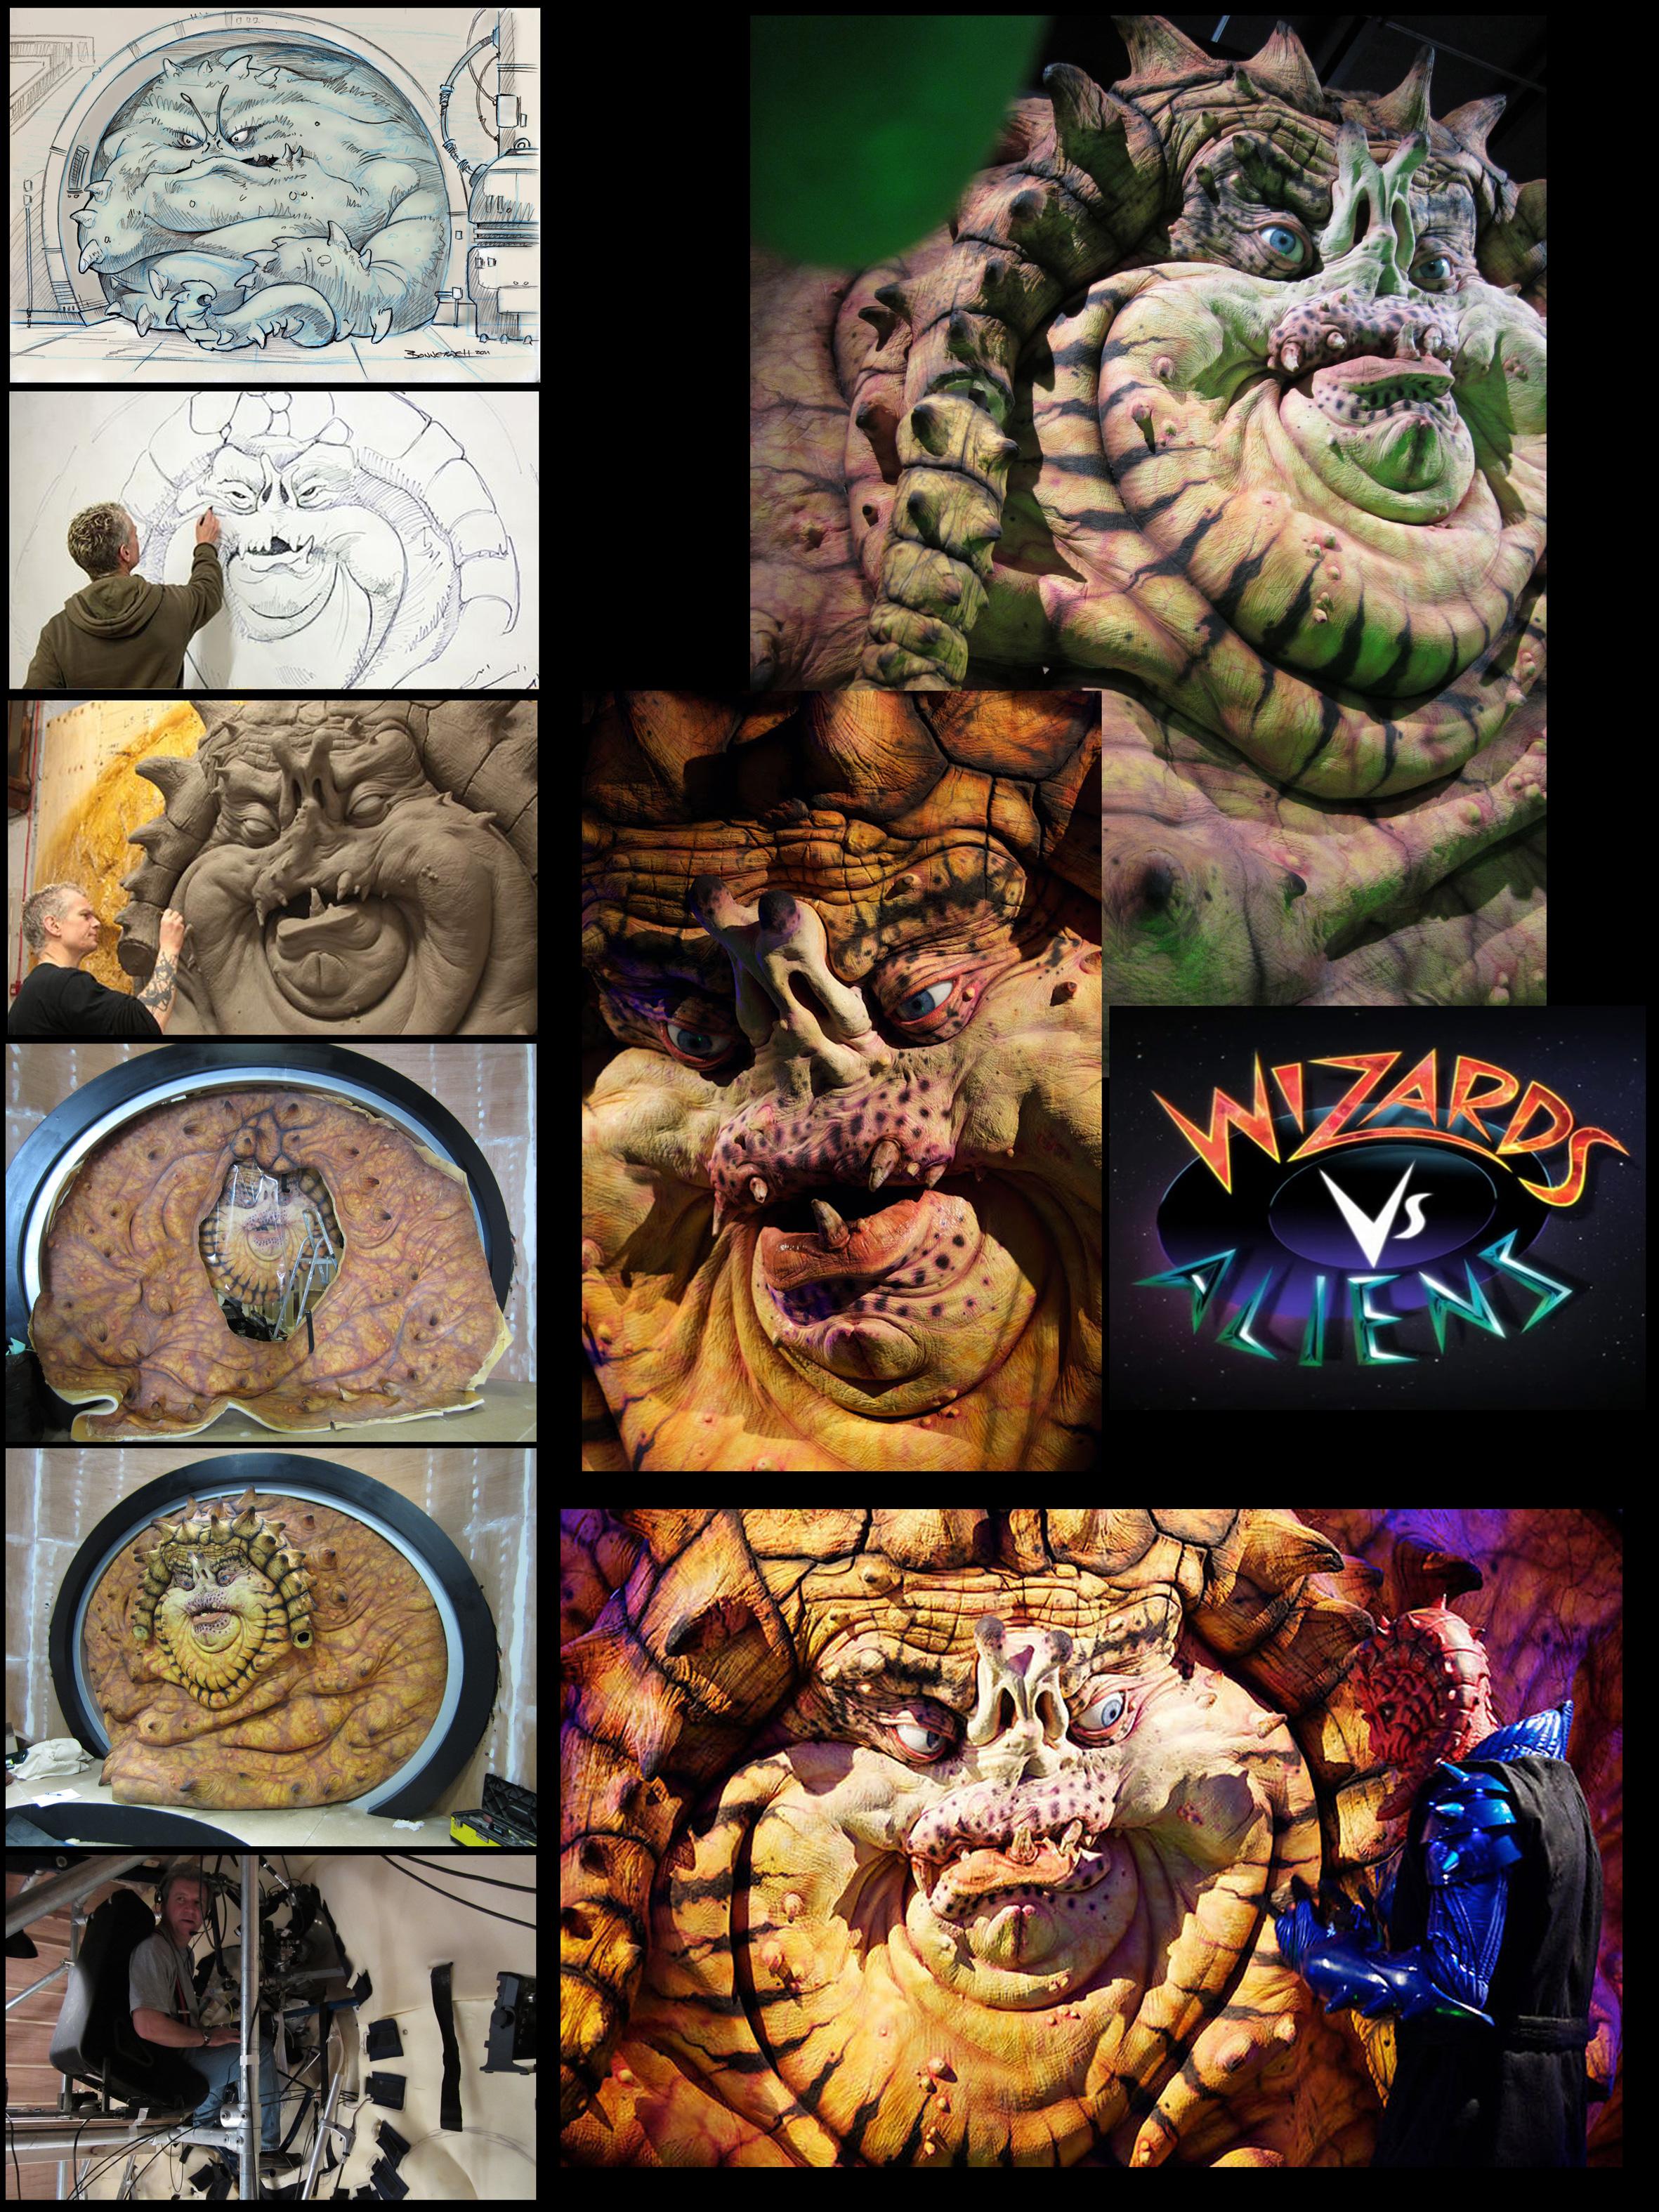 Wizards Vs. Aliens The Nekross King by Kaduflyer